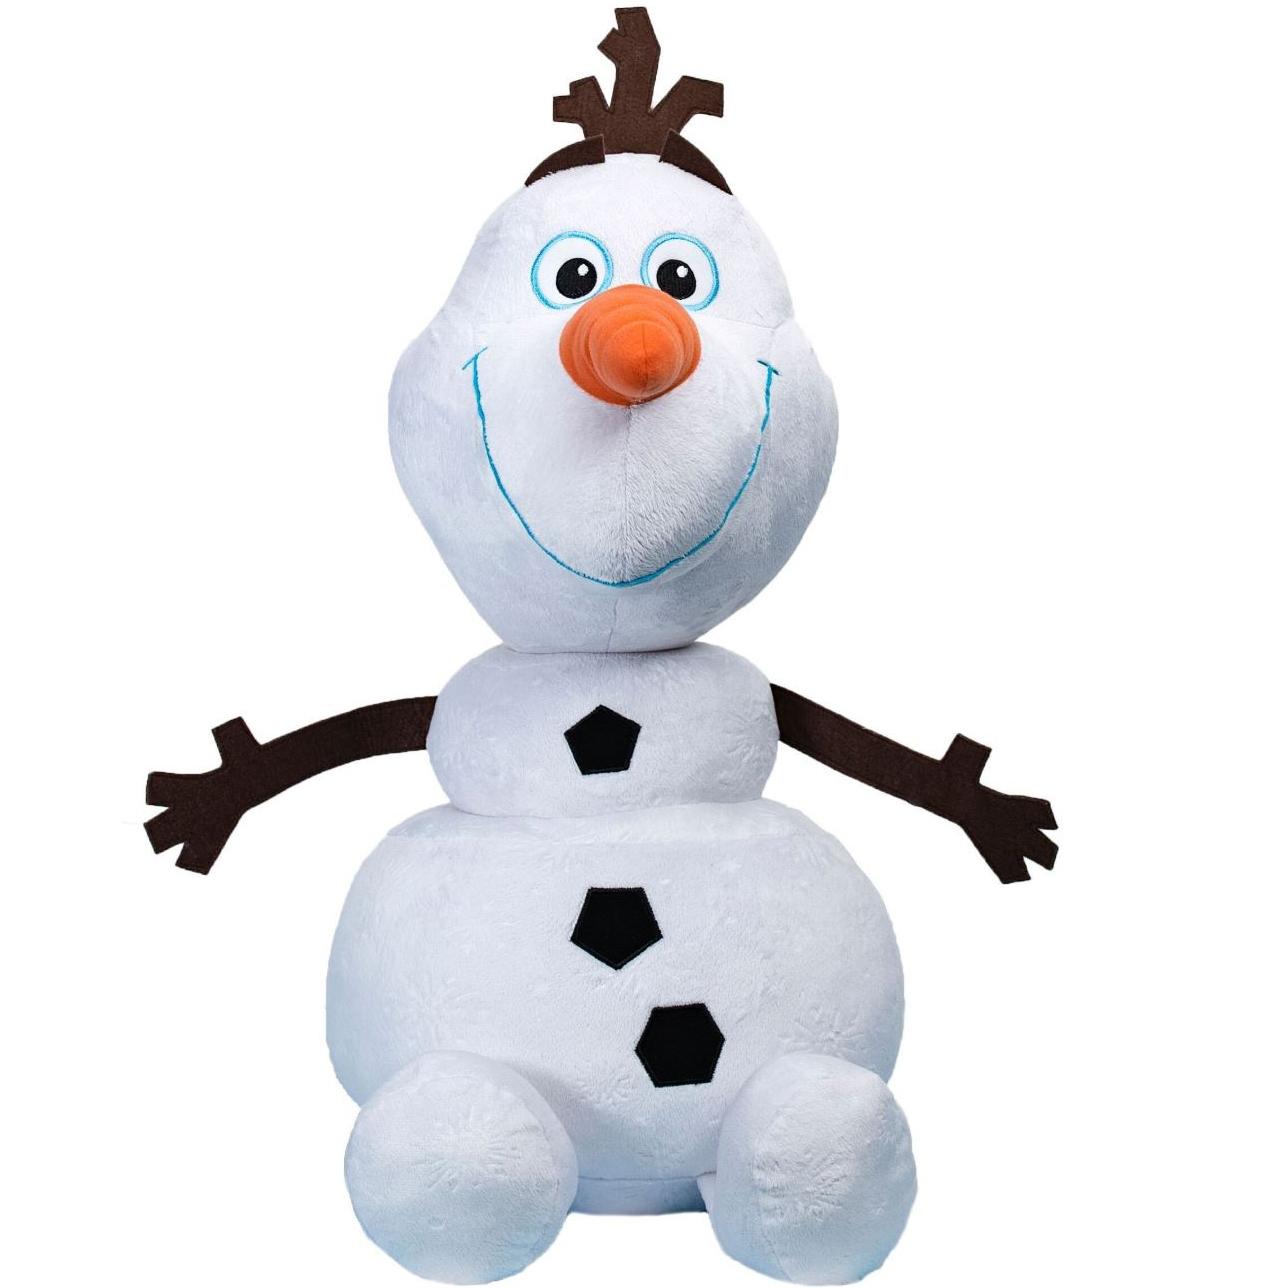 Frozen 2 Olaf Jumbo Plush.JPG